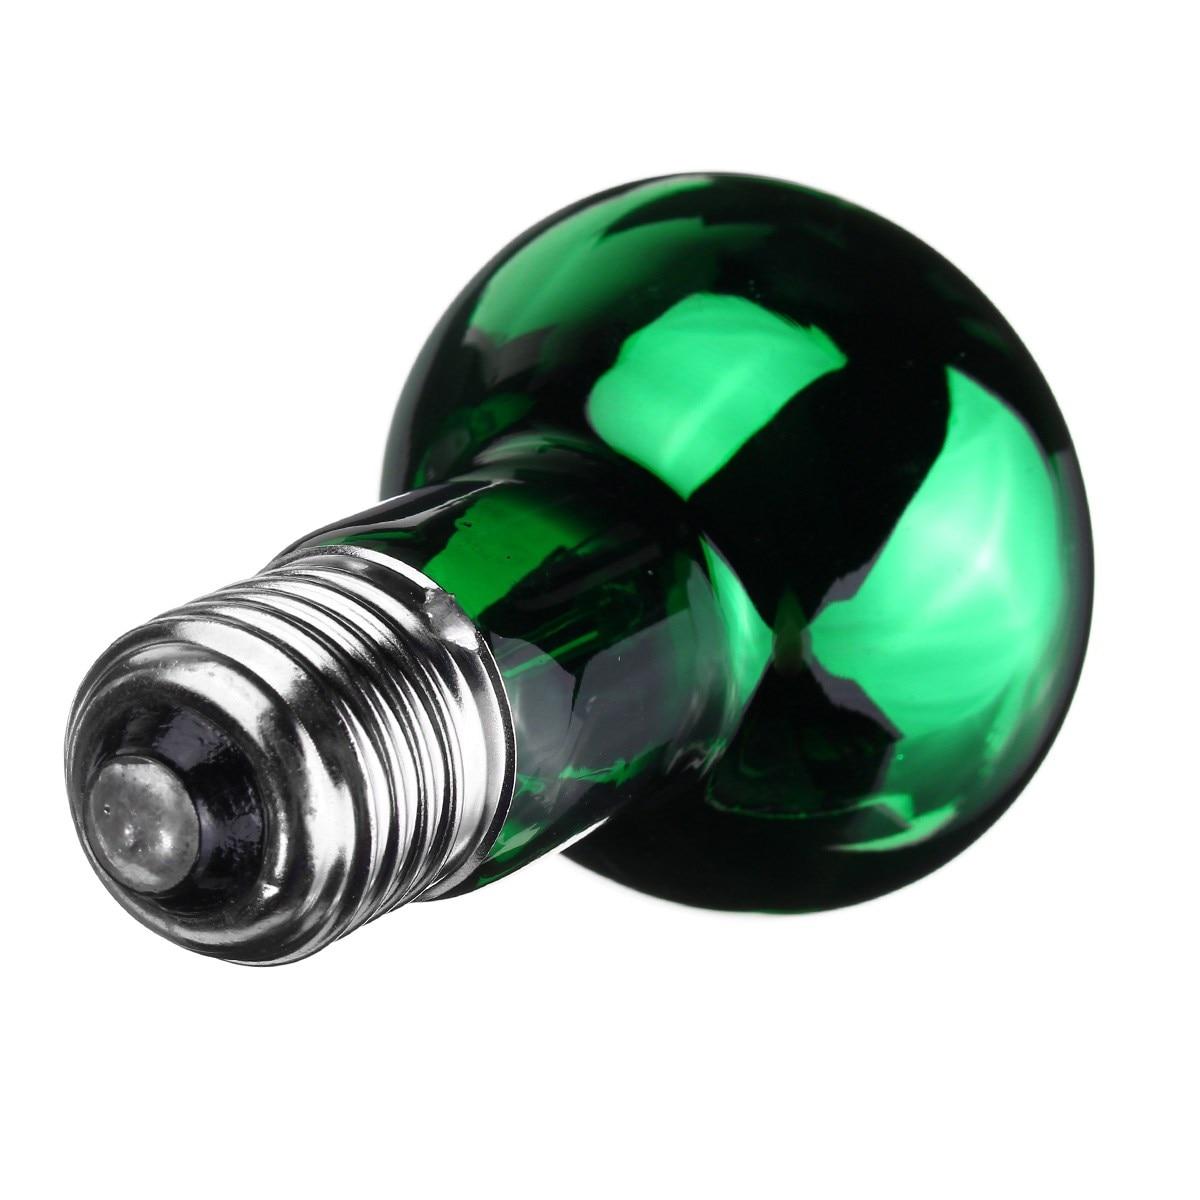 Hot R63 Pet Heating Light Bulb 25W/40W/50W/60W/75W/100W E27 Night Green Heat Light Lamp Bulb For Reptile Pet Brooder AC220V-240V